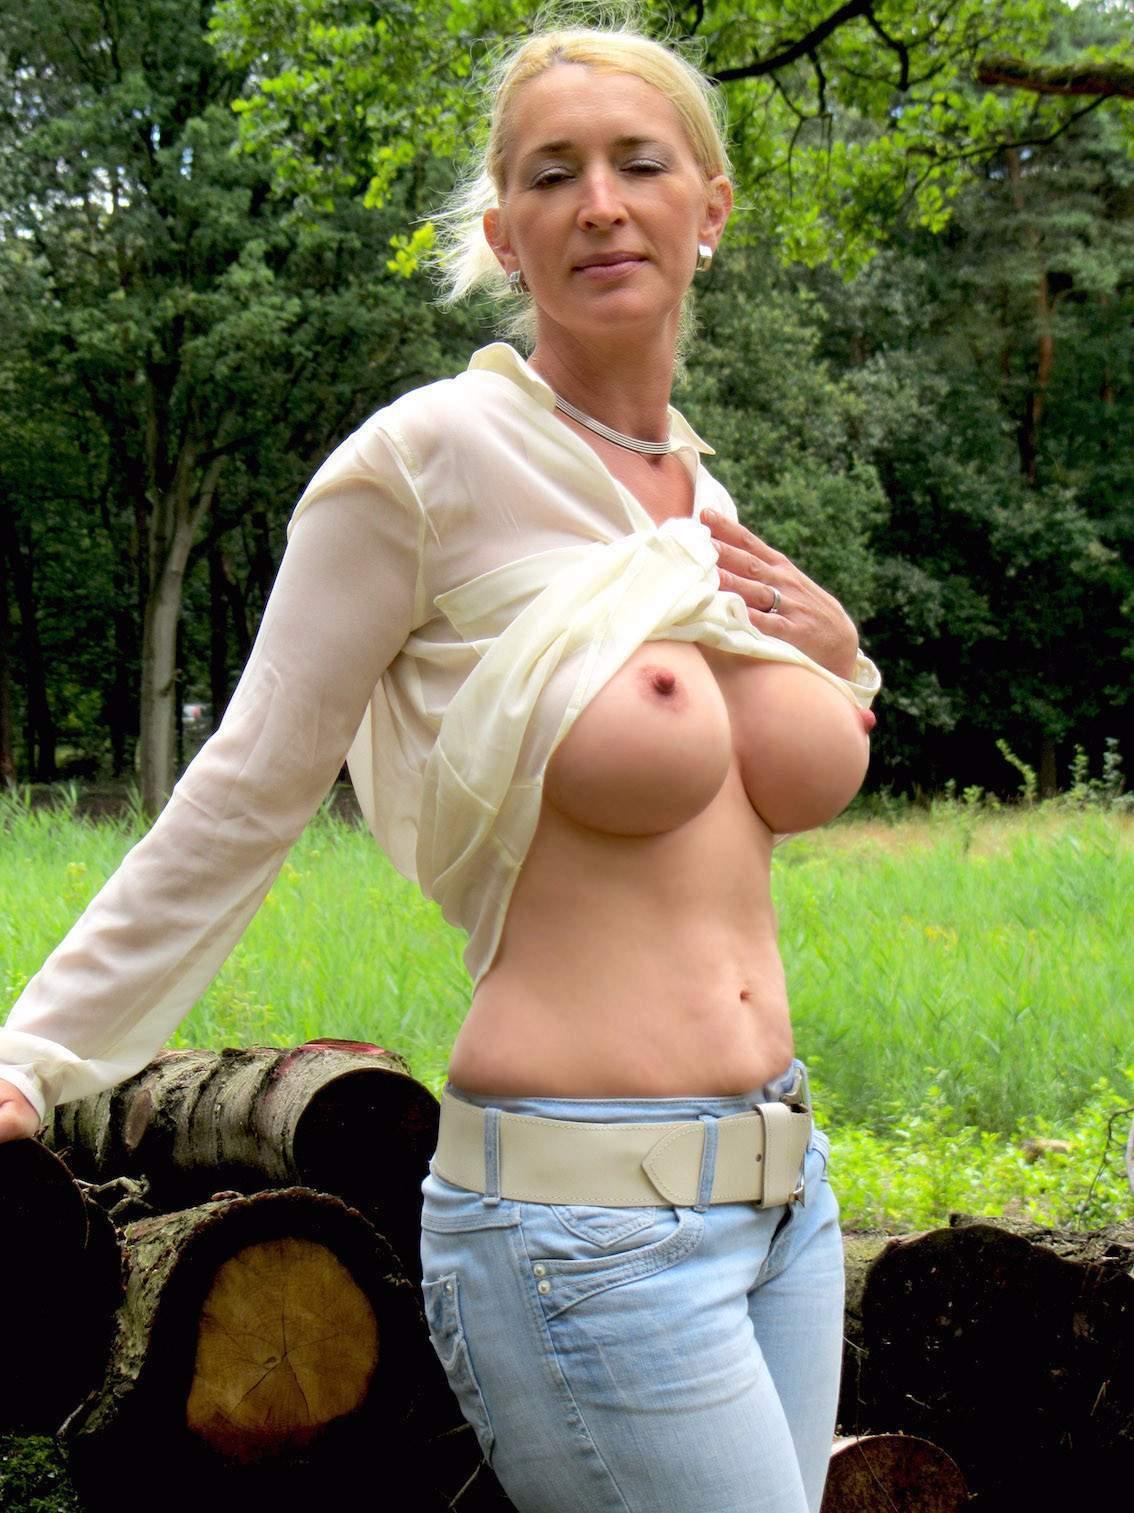 http://img24.rajce.idnes.cz/d2402/13/13133/13133717_9c6391c5702f90347cd7f2ea12218ba5/images/156.jpg